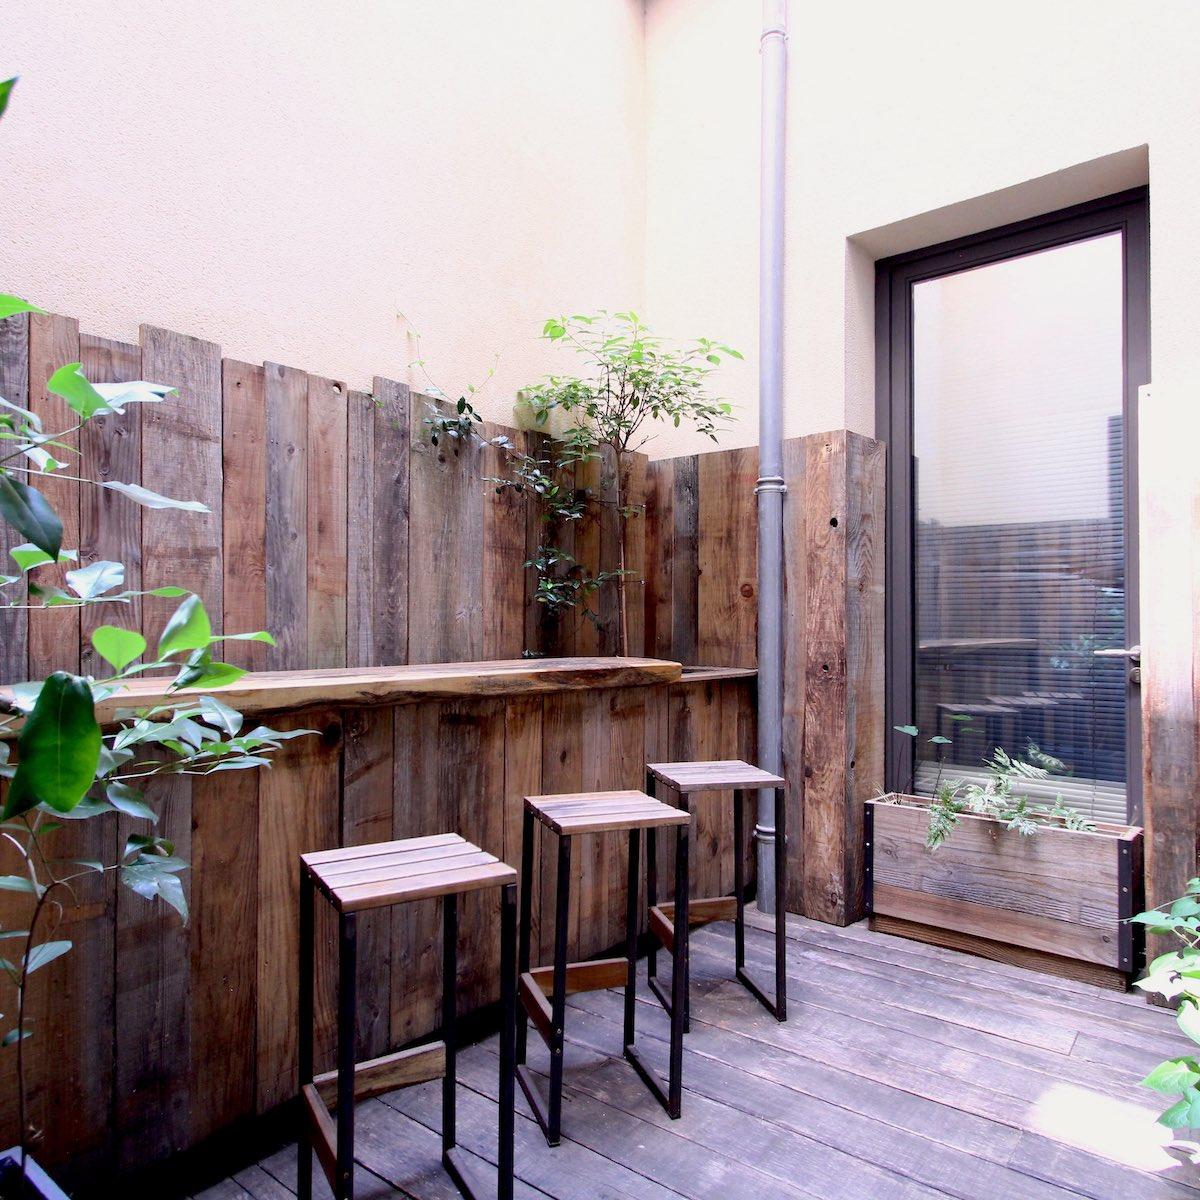 Hotel-design-bordeaux-centre-7M